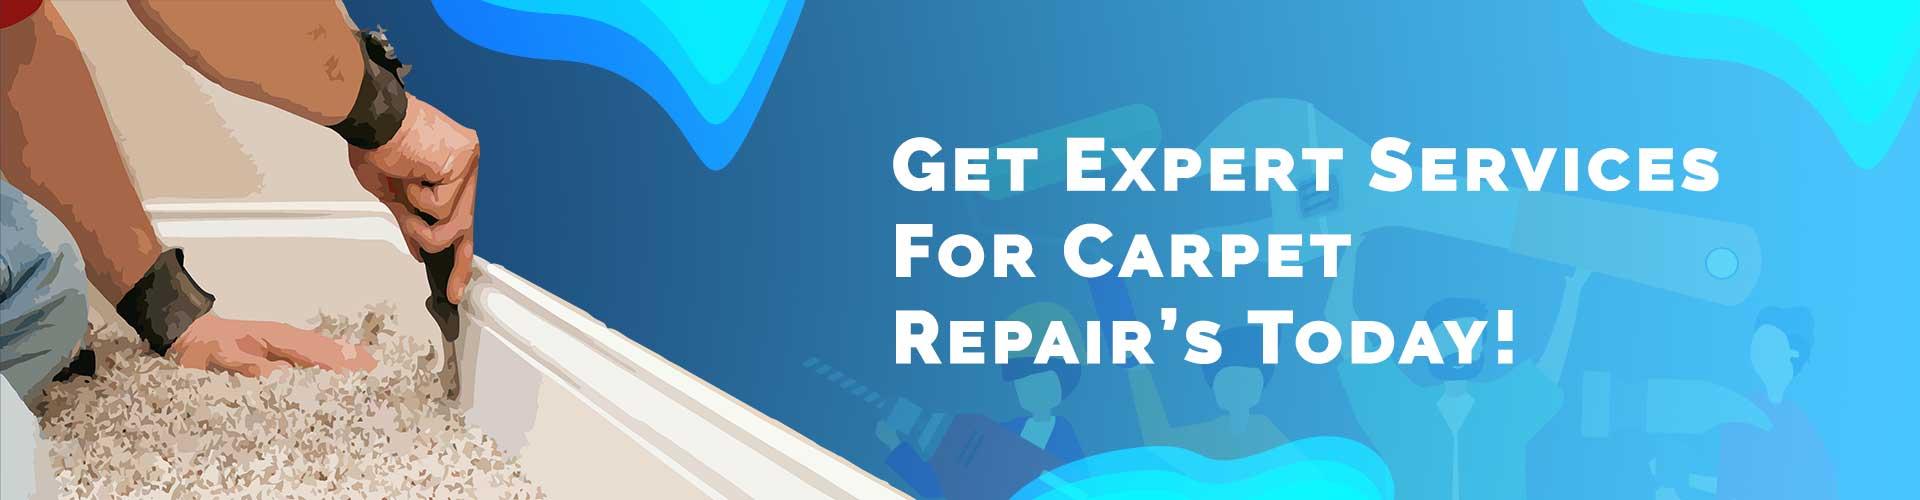 Carpet repair cleaning